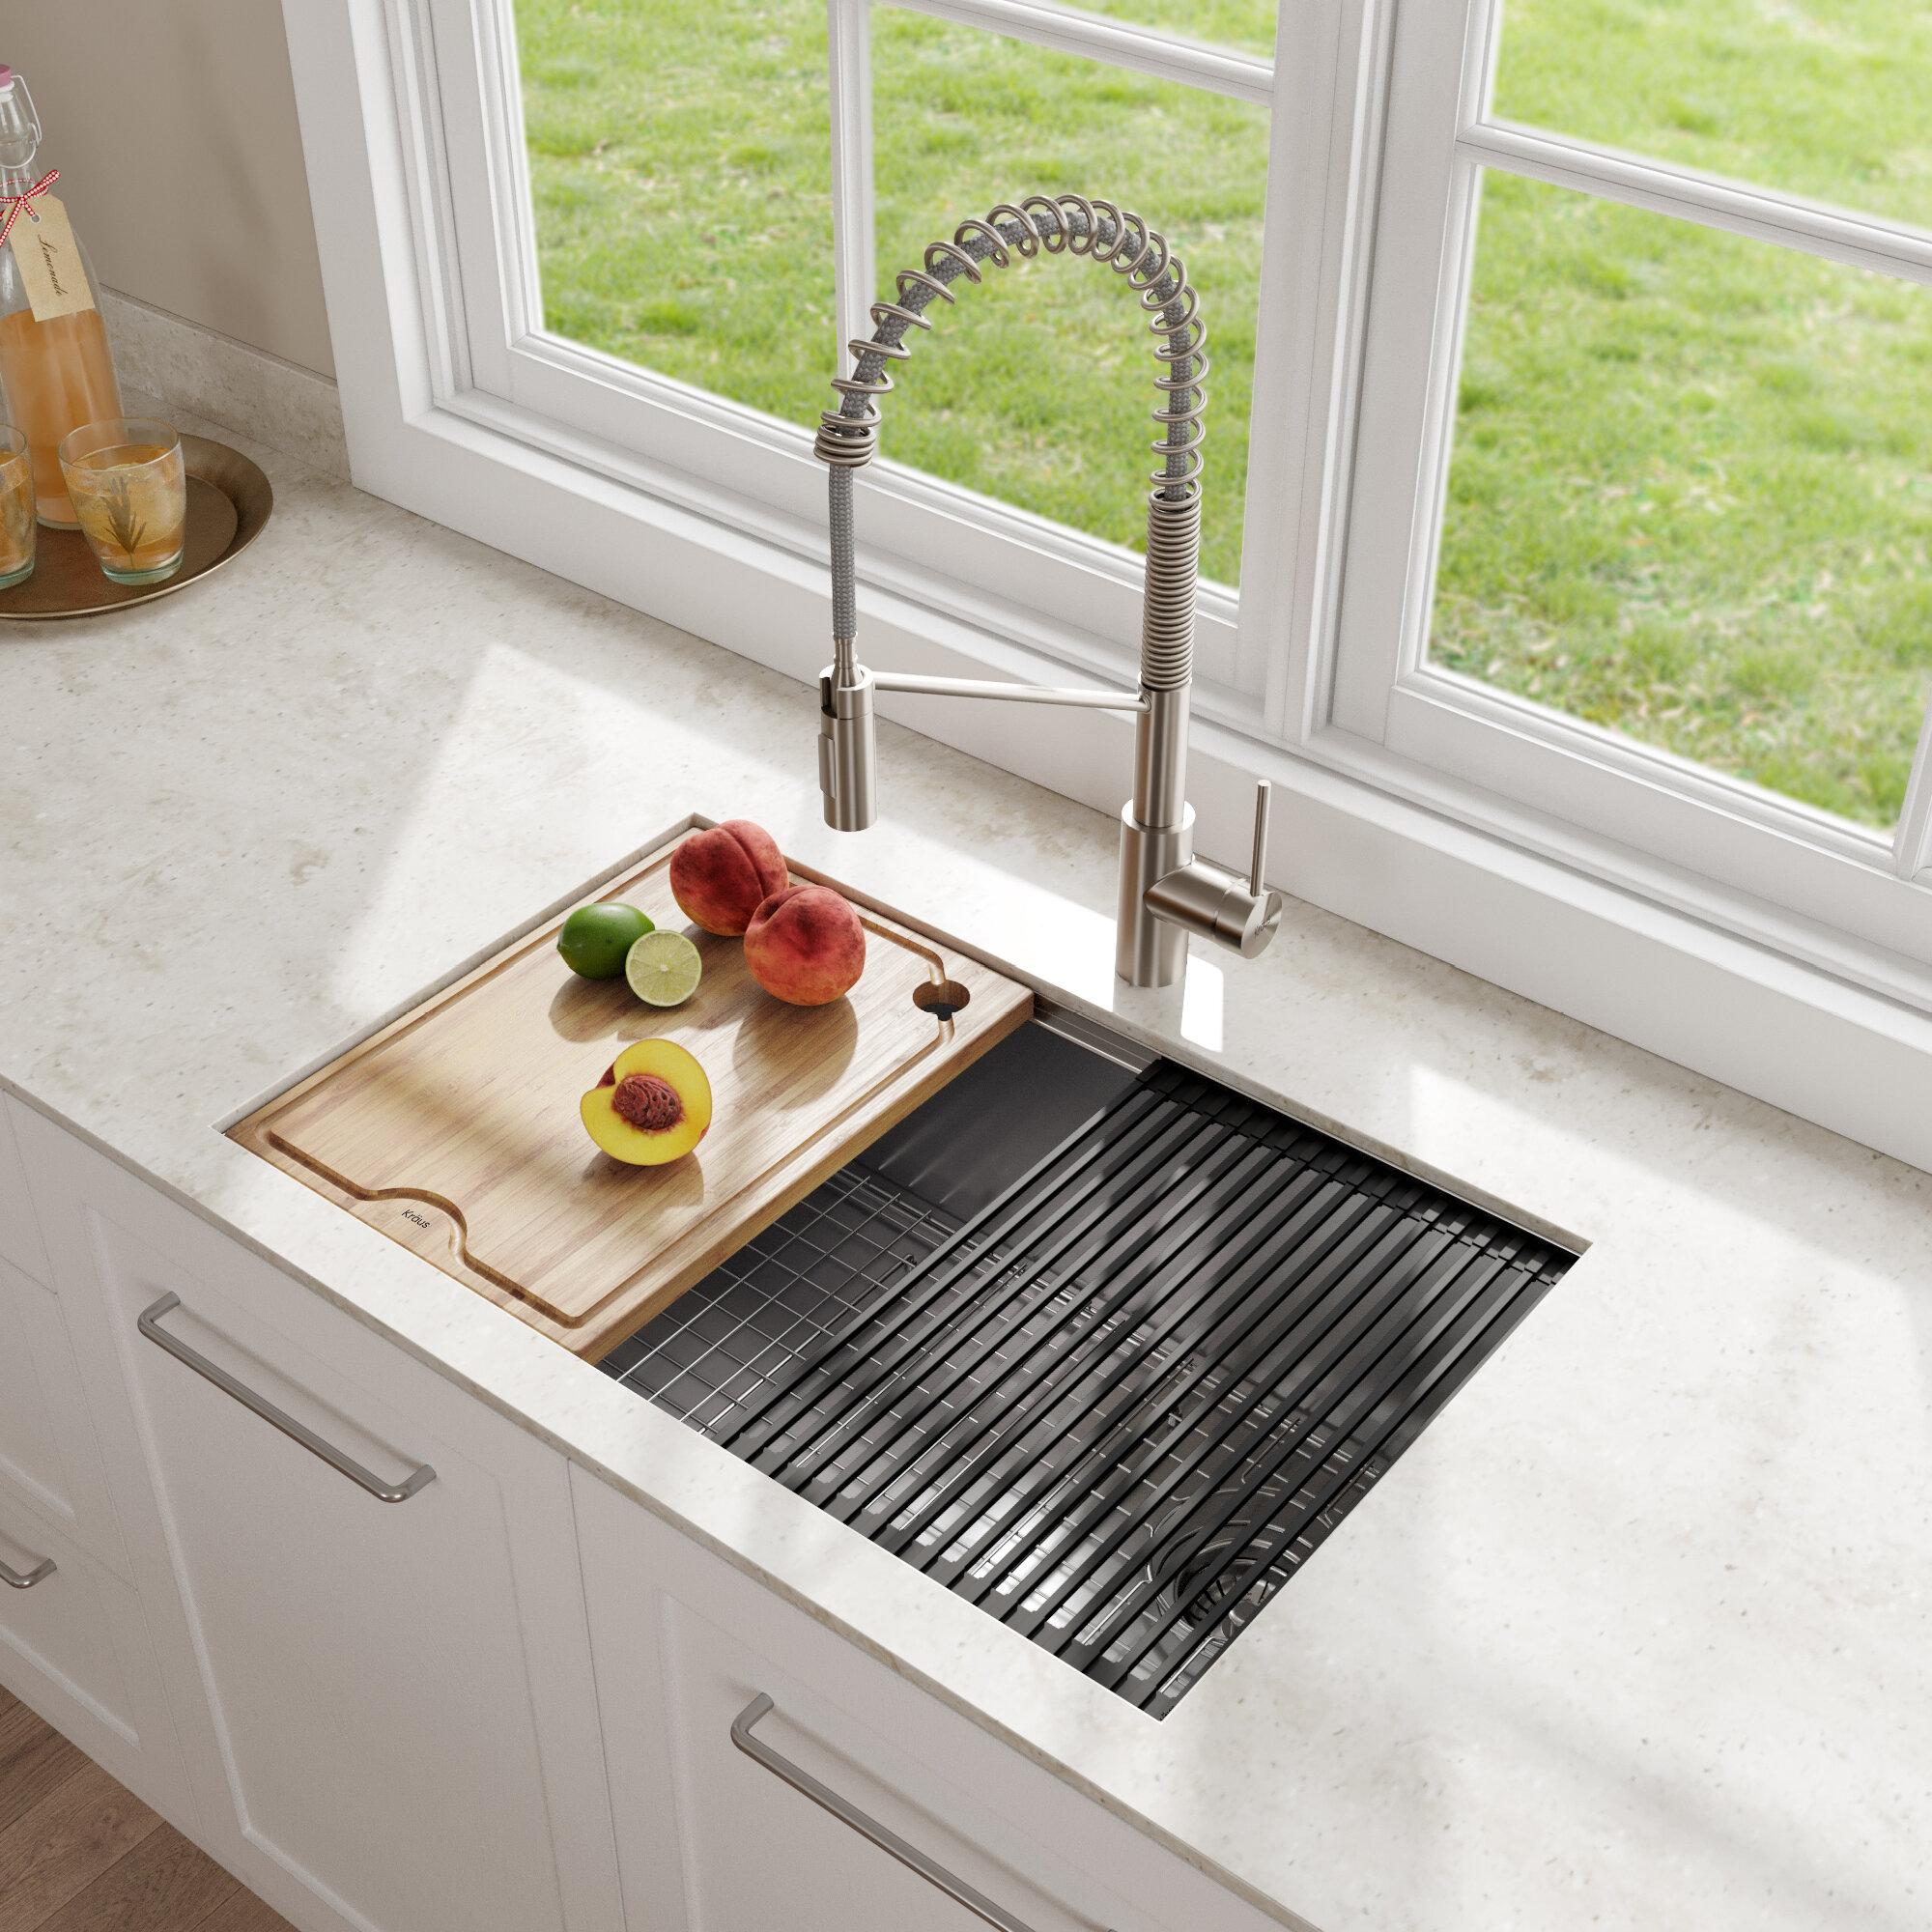 Kitchen Sinks Up To 60 Off Through 01 19 Wayfair